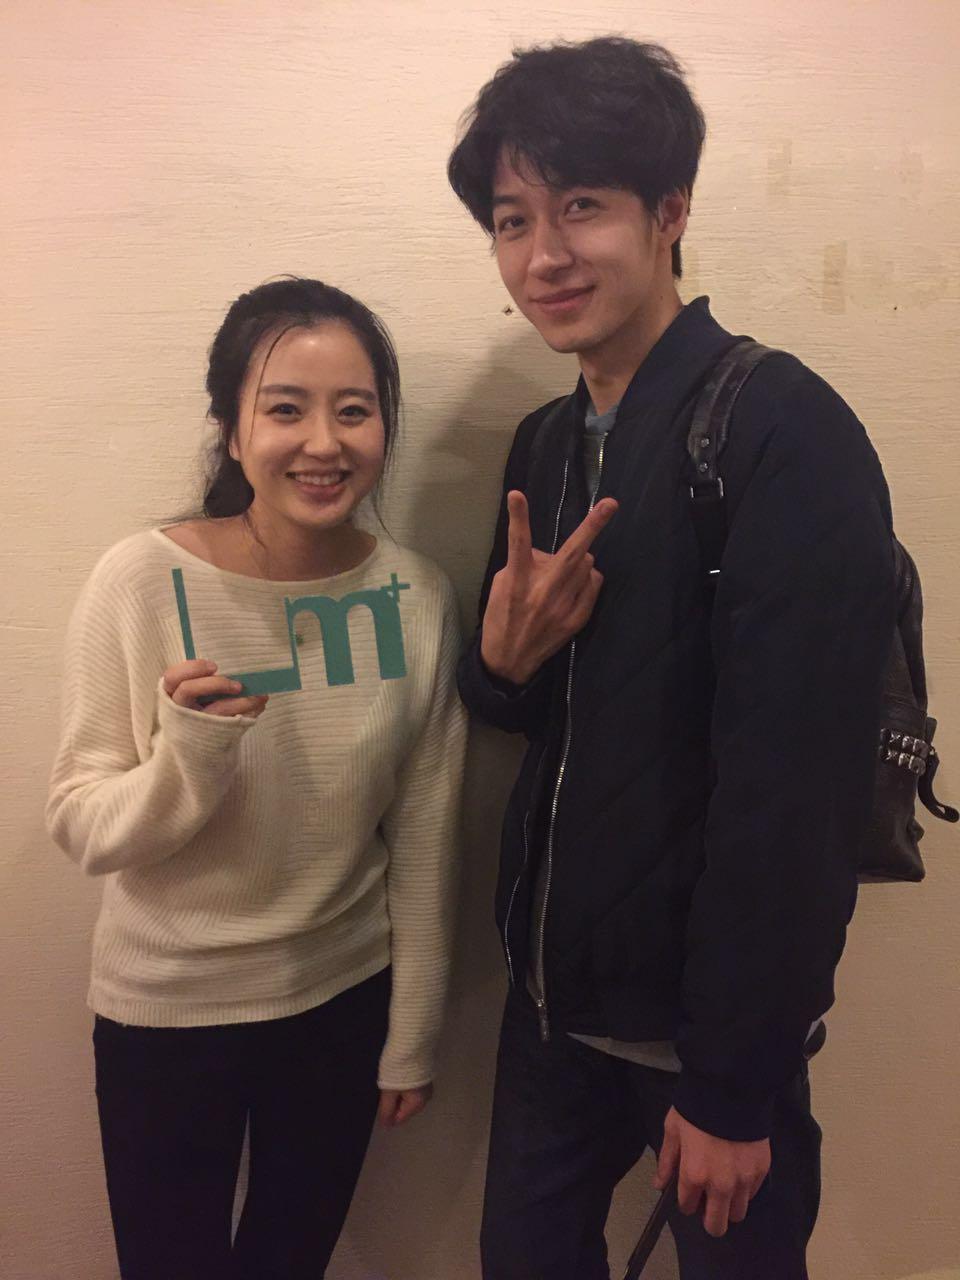 Model / Actor: Xiaodong Fan